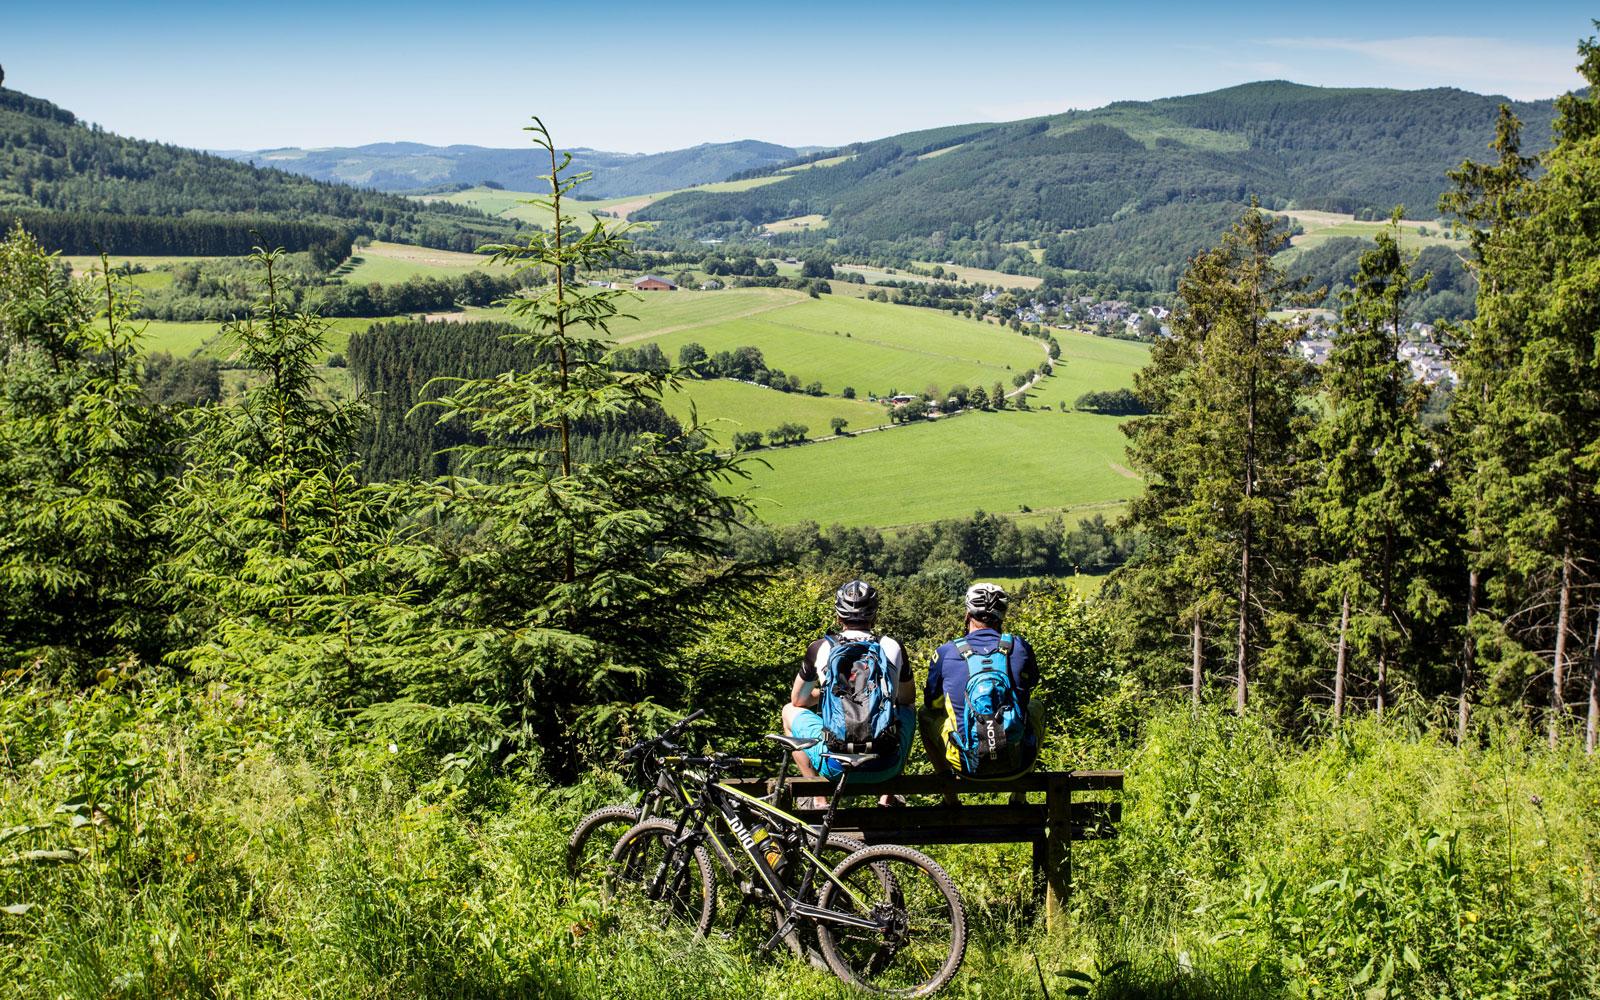 Zwei Radfahrer auf einer Bank mit Aussicht ins Tal